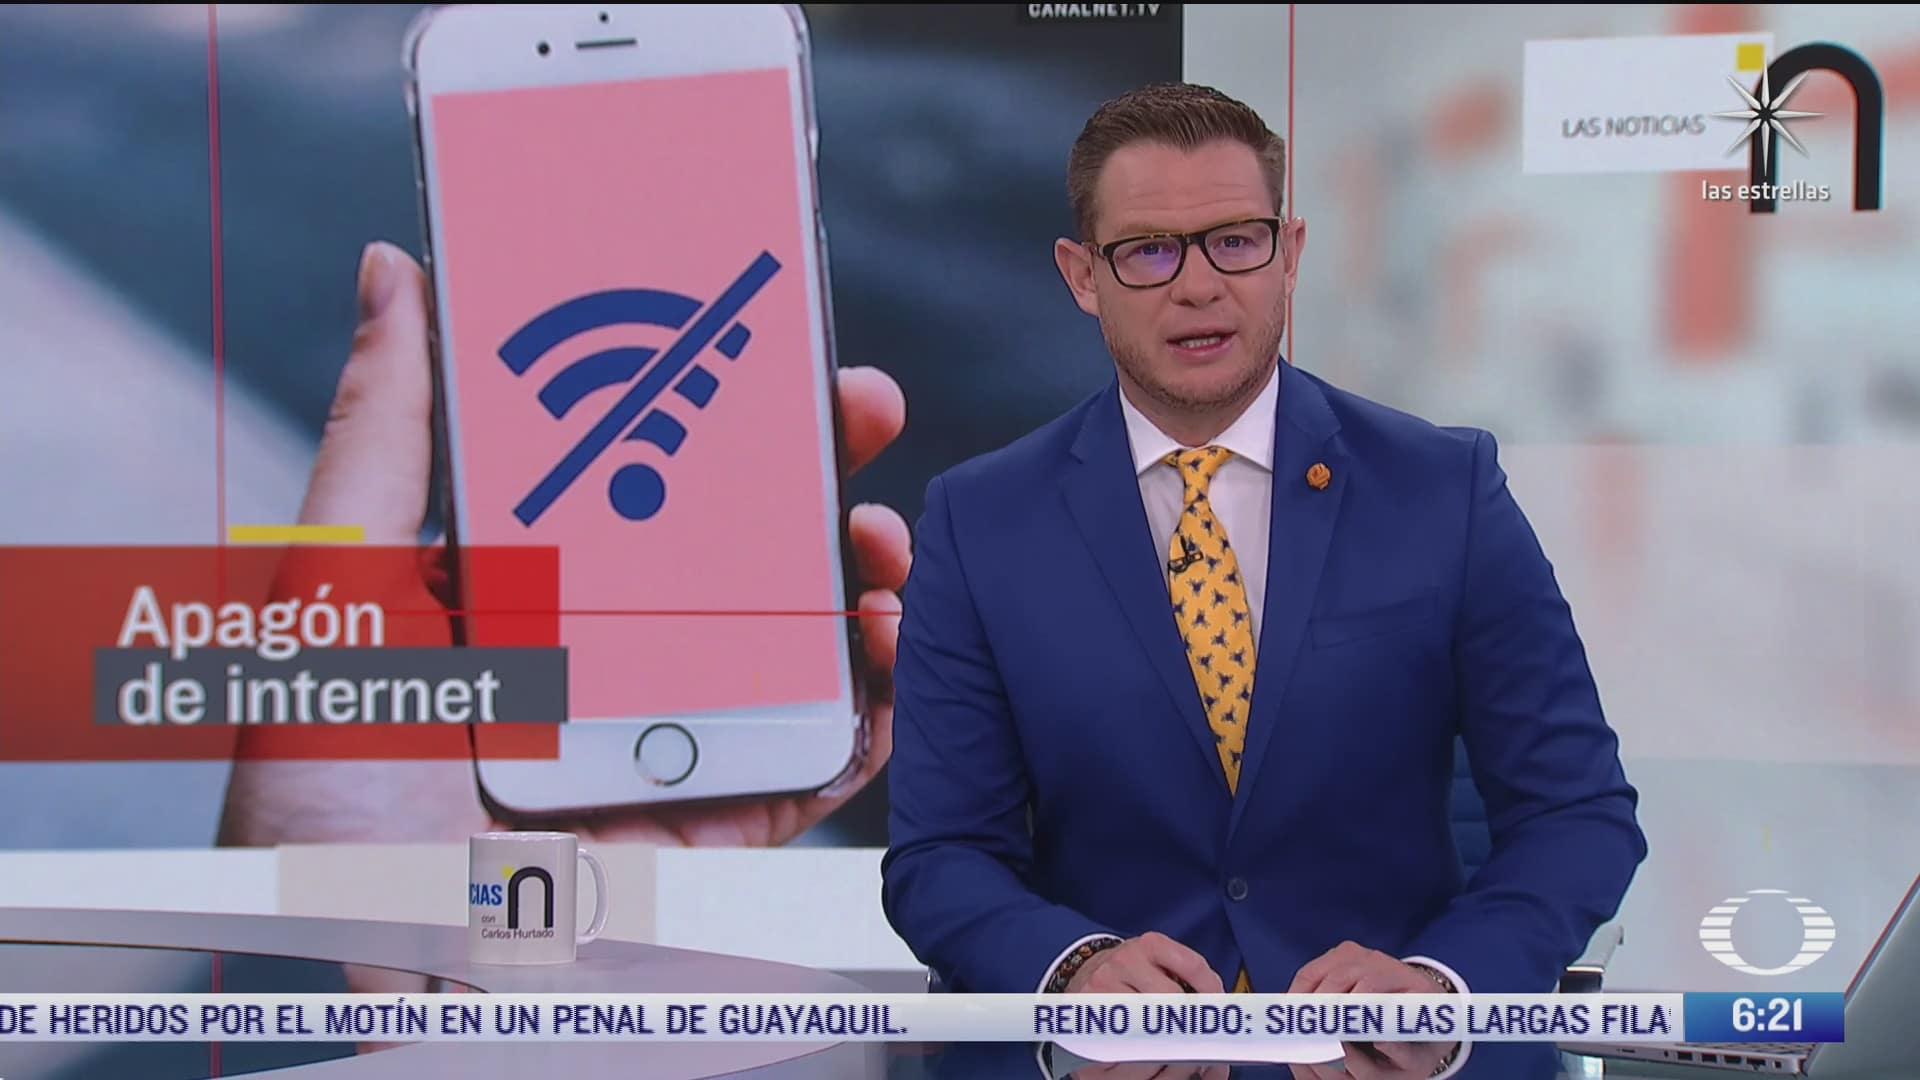 falso que hoy ocurra un apagon de internet